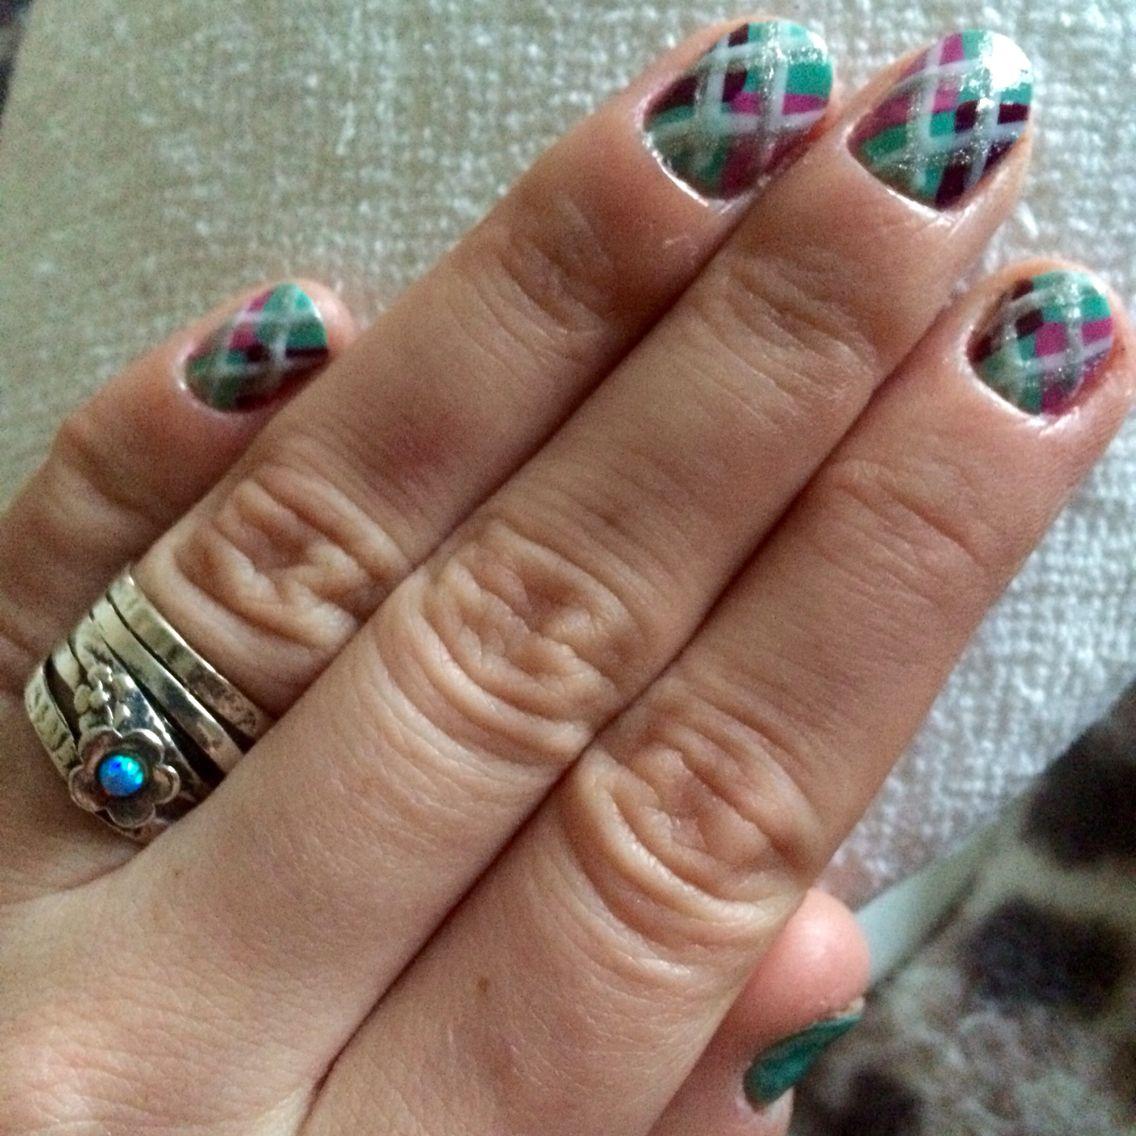 Argyle style nails